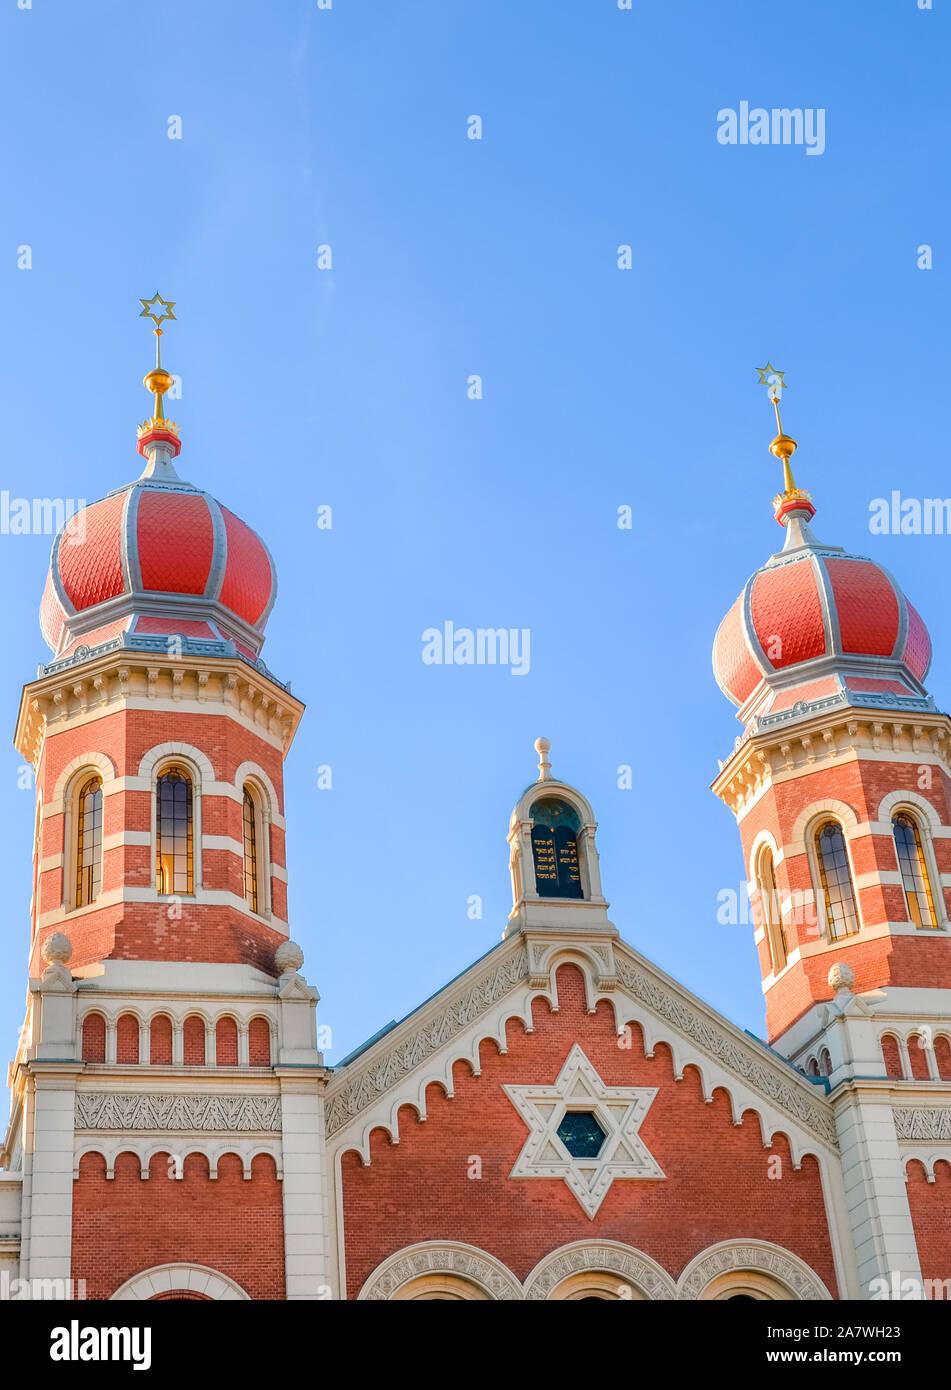 Photo verticale de la Grande Synagogue à Plzen, République tchèque. La deuxième plus grande synagogue d'Europe. Détail de façade de l'édifice religieux juif avec deux dômes en oignon. Sites touristiques. Banque D'Images